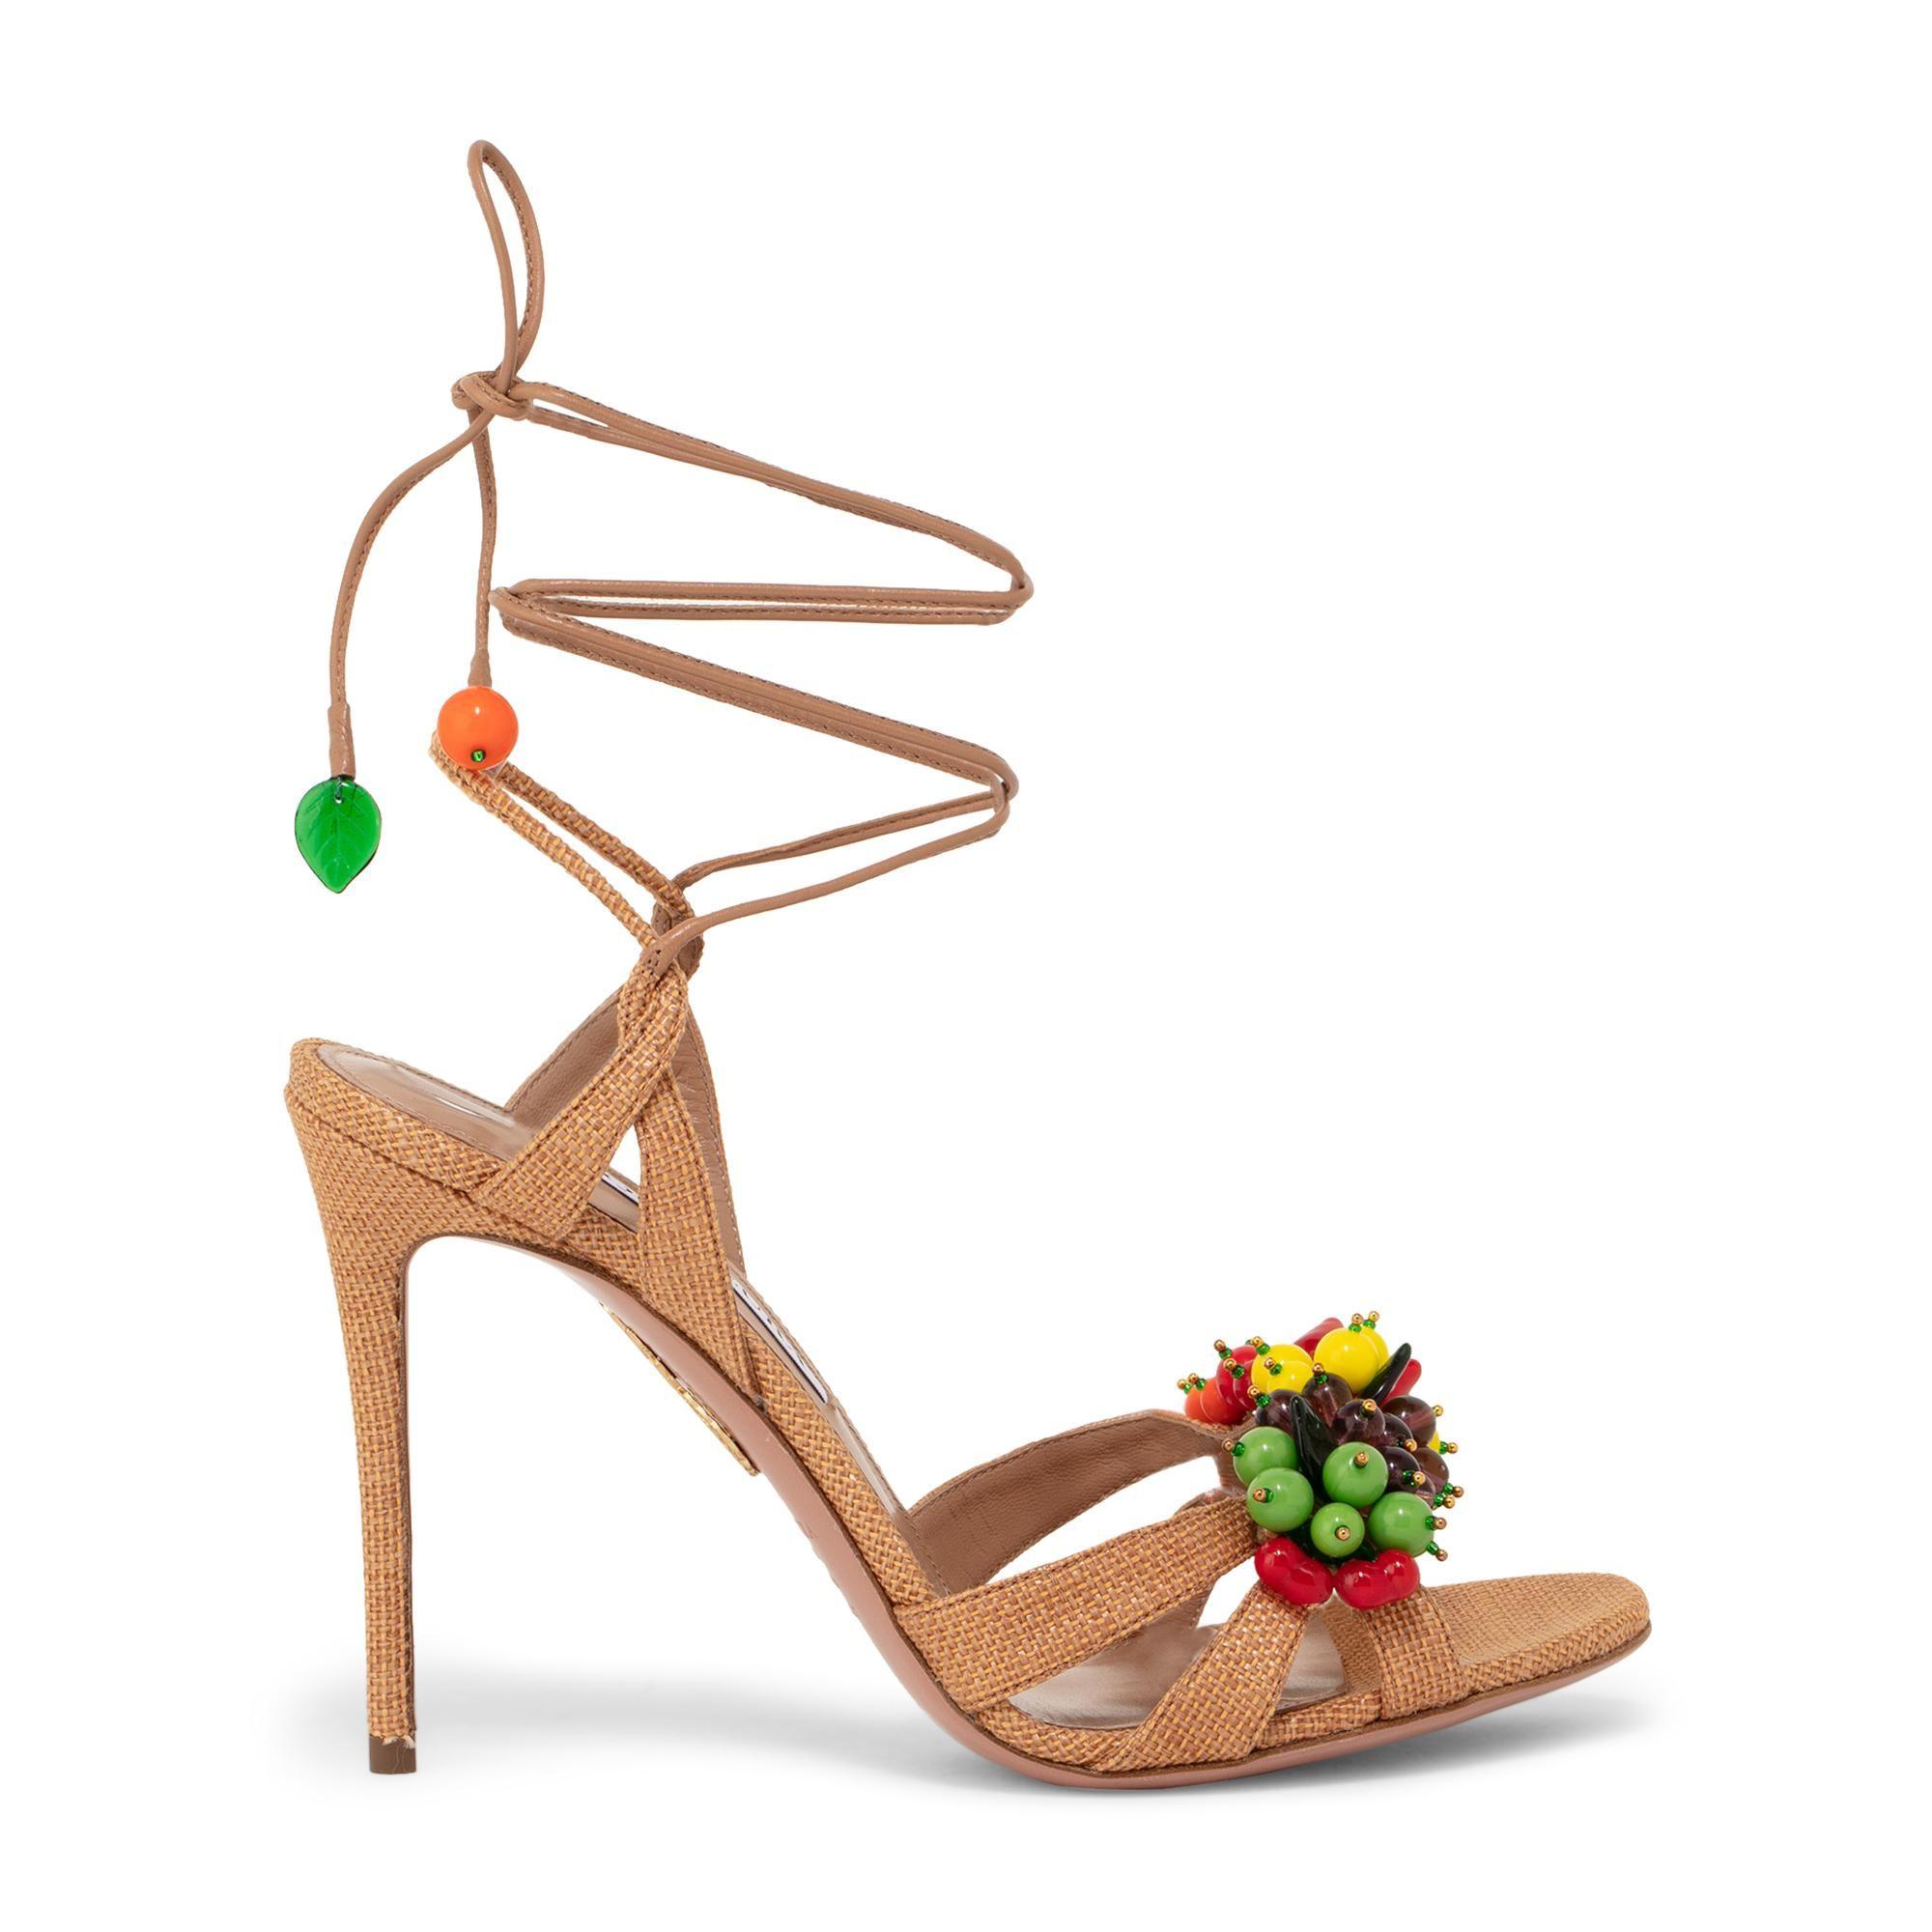 Tutti Frutti sandals